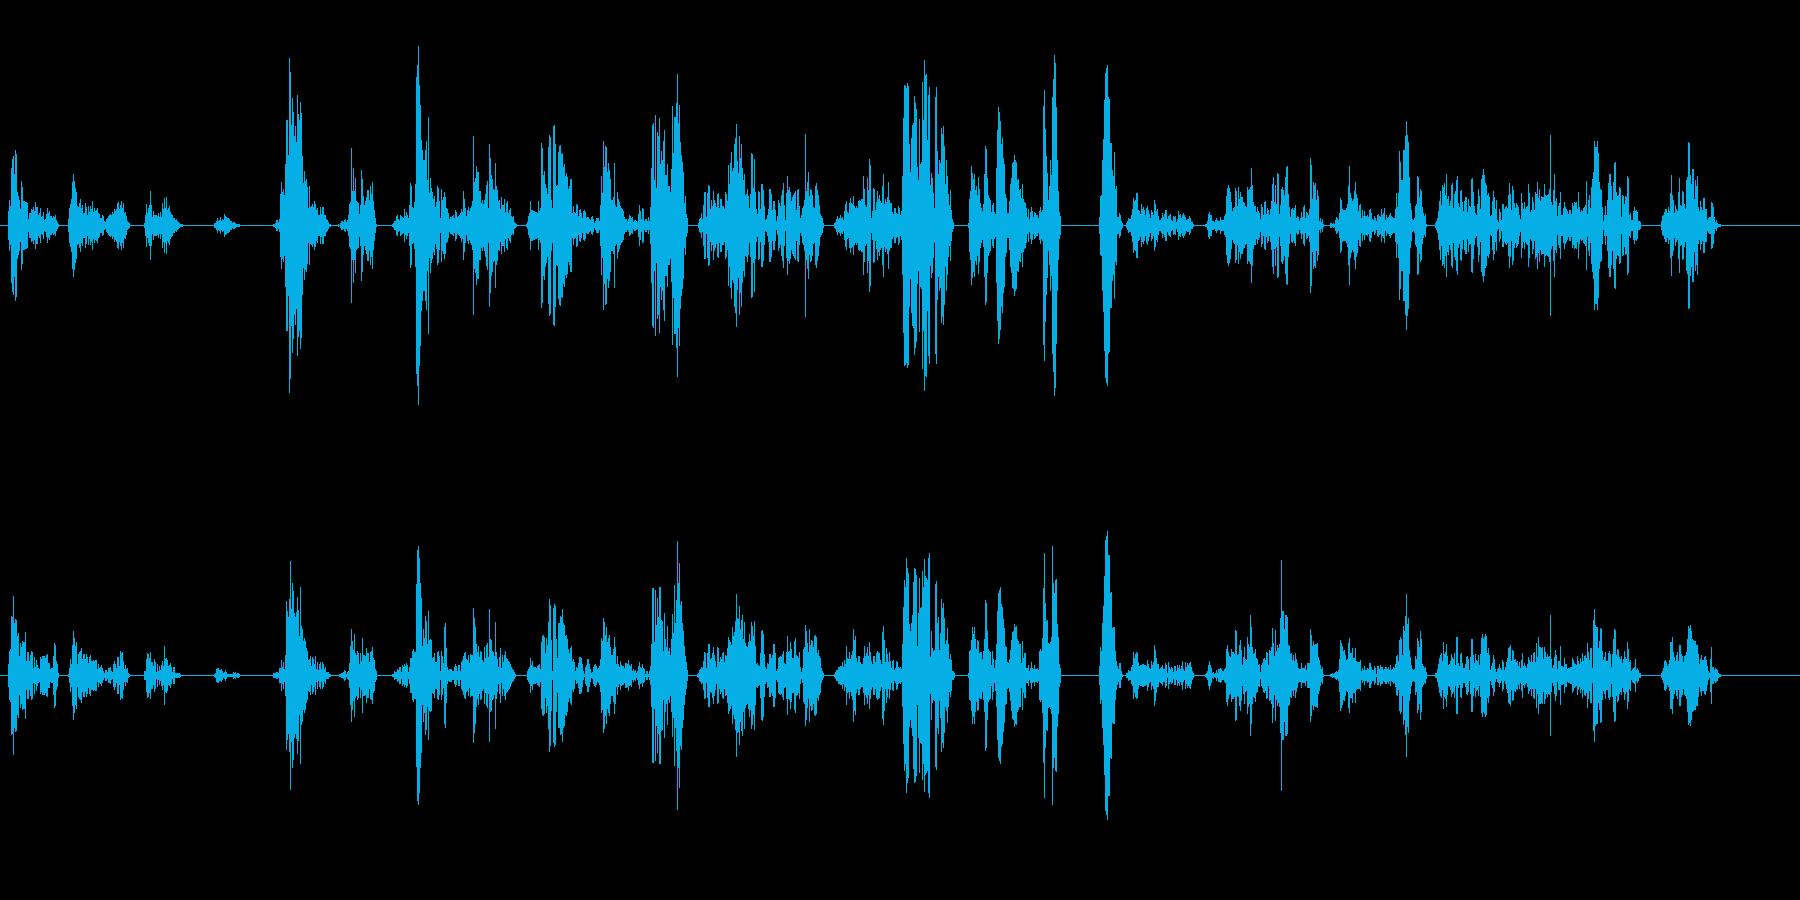 ペチャクチャ(早口気味の会話音)の再生済みの波形